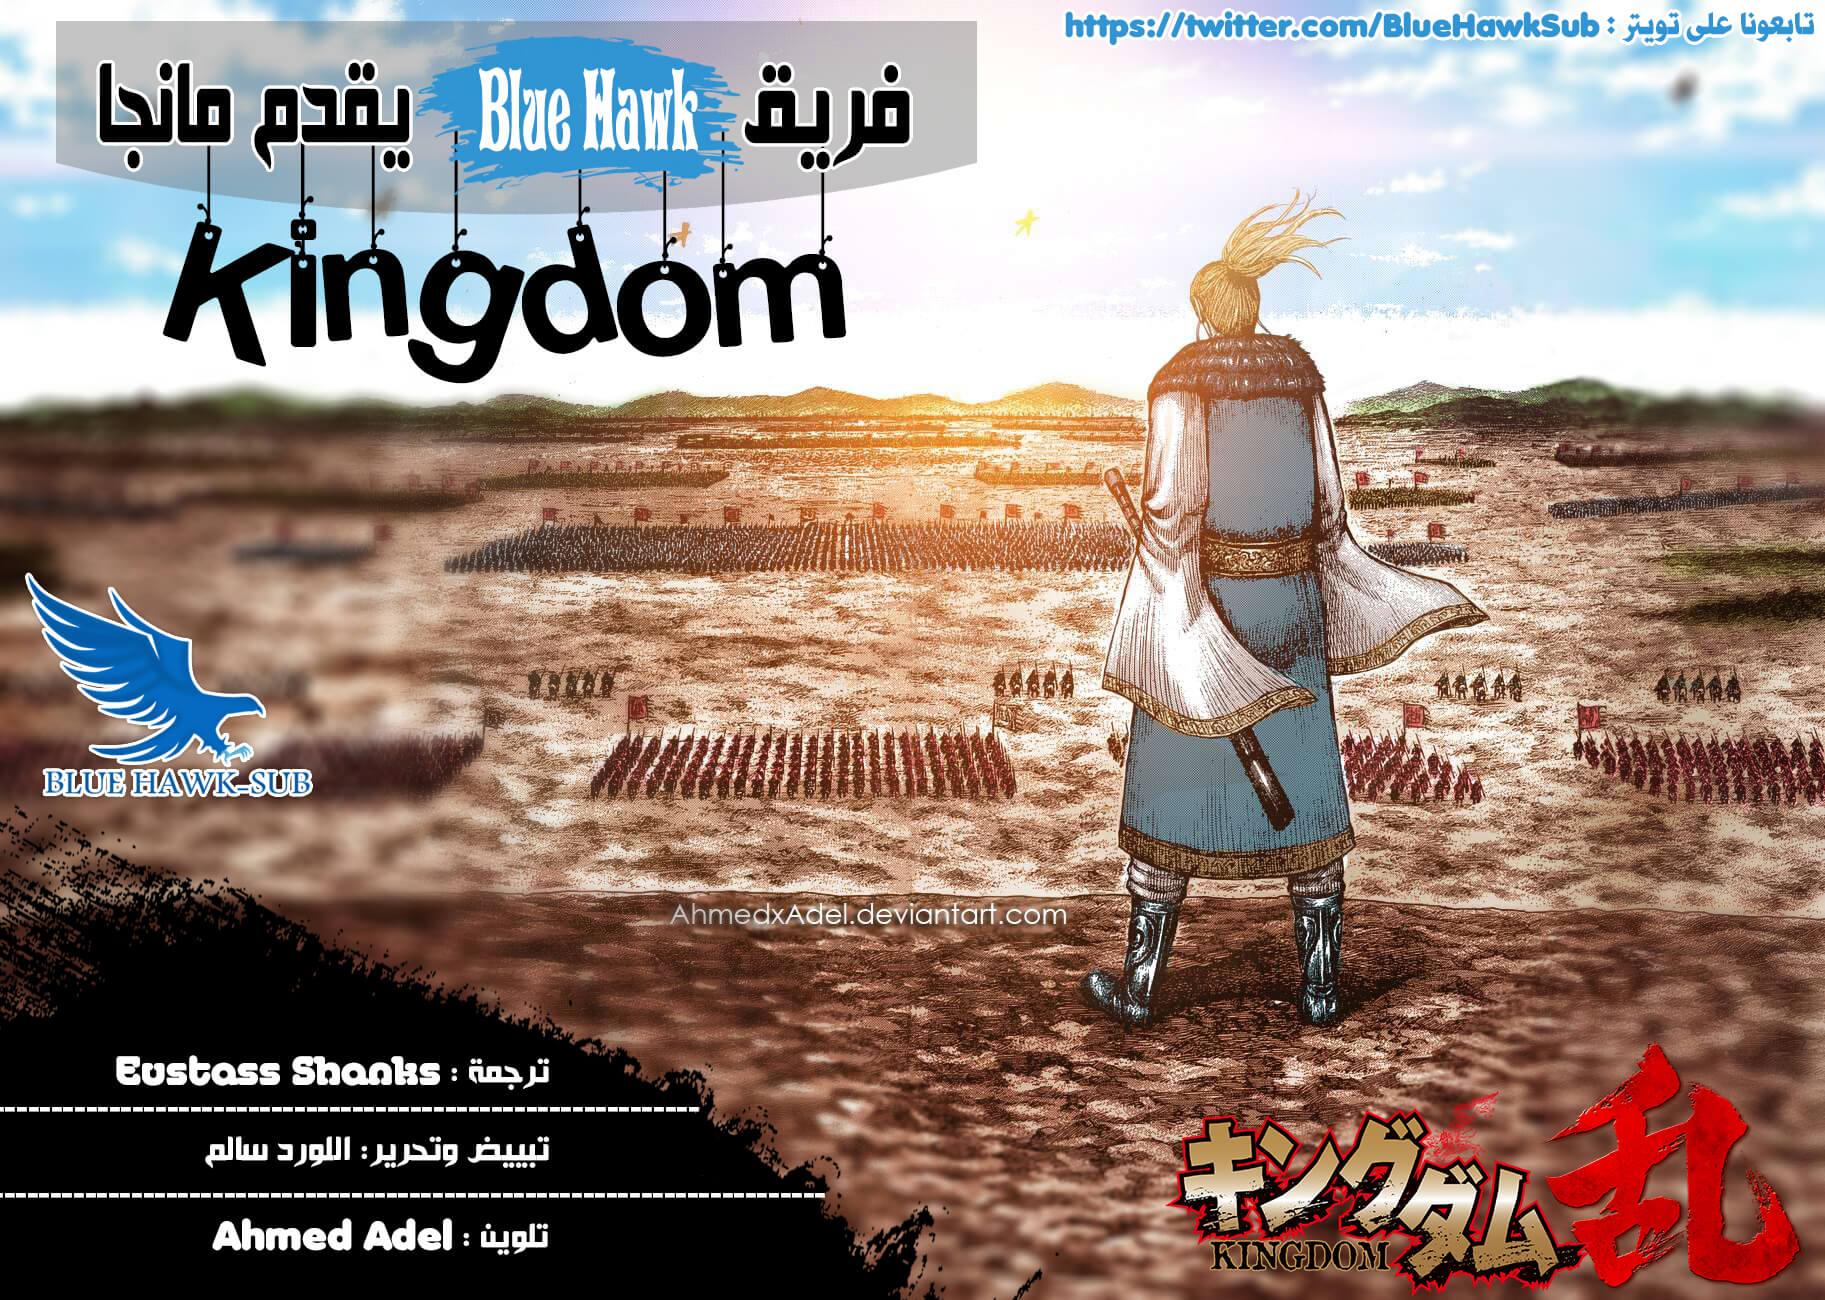 مانجا مملكة الفصل 628 kingdom 19